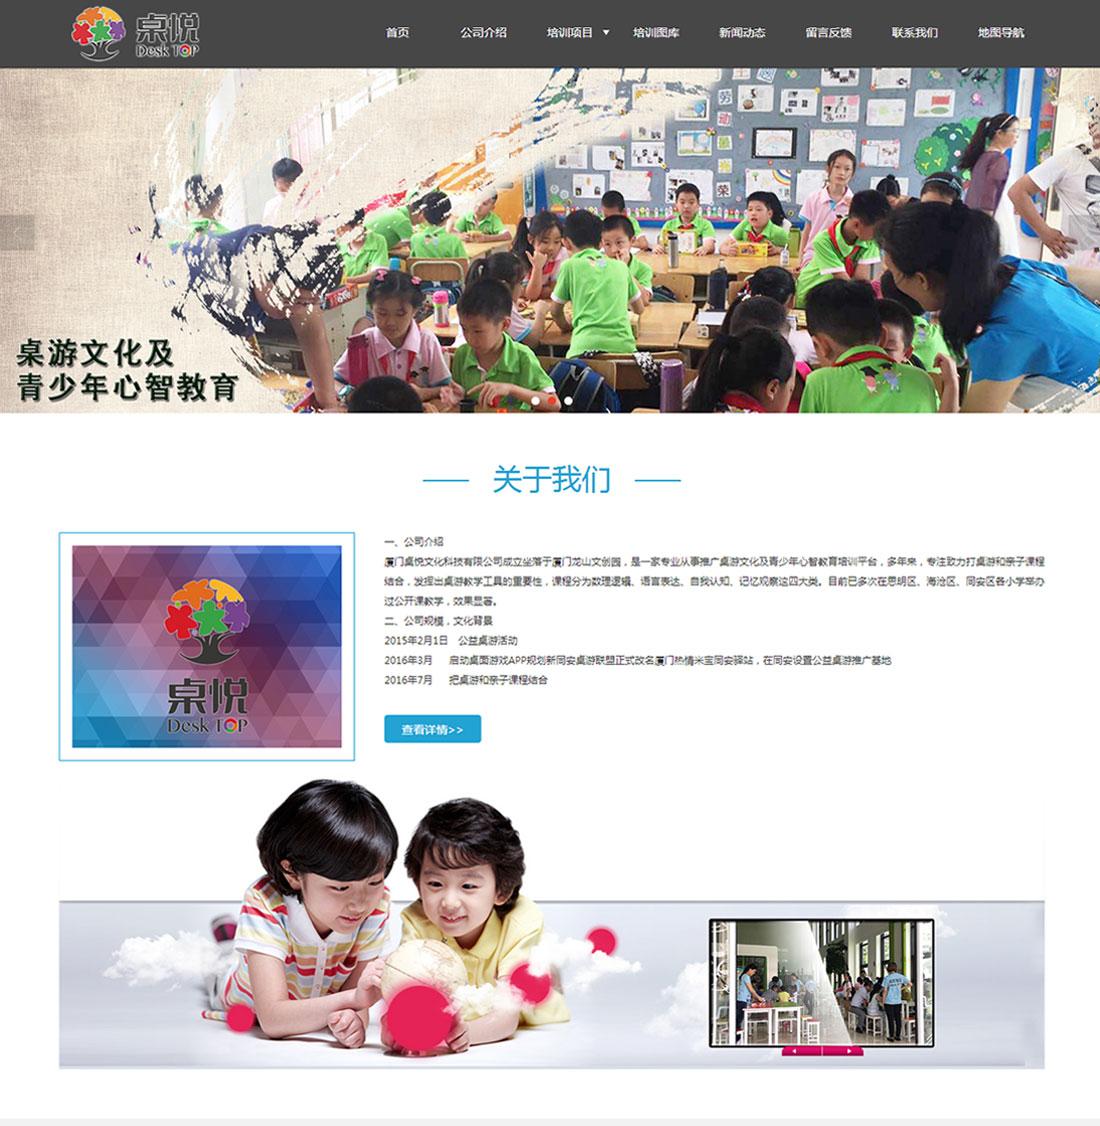 厦门桌悦教育科技有限公司_01.jpg